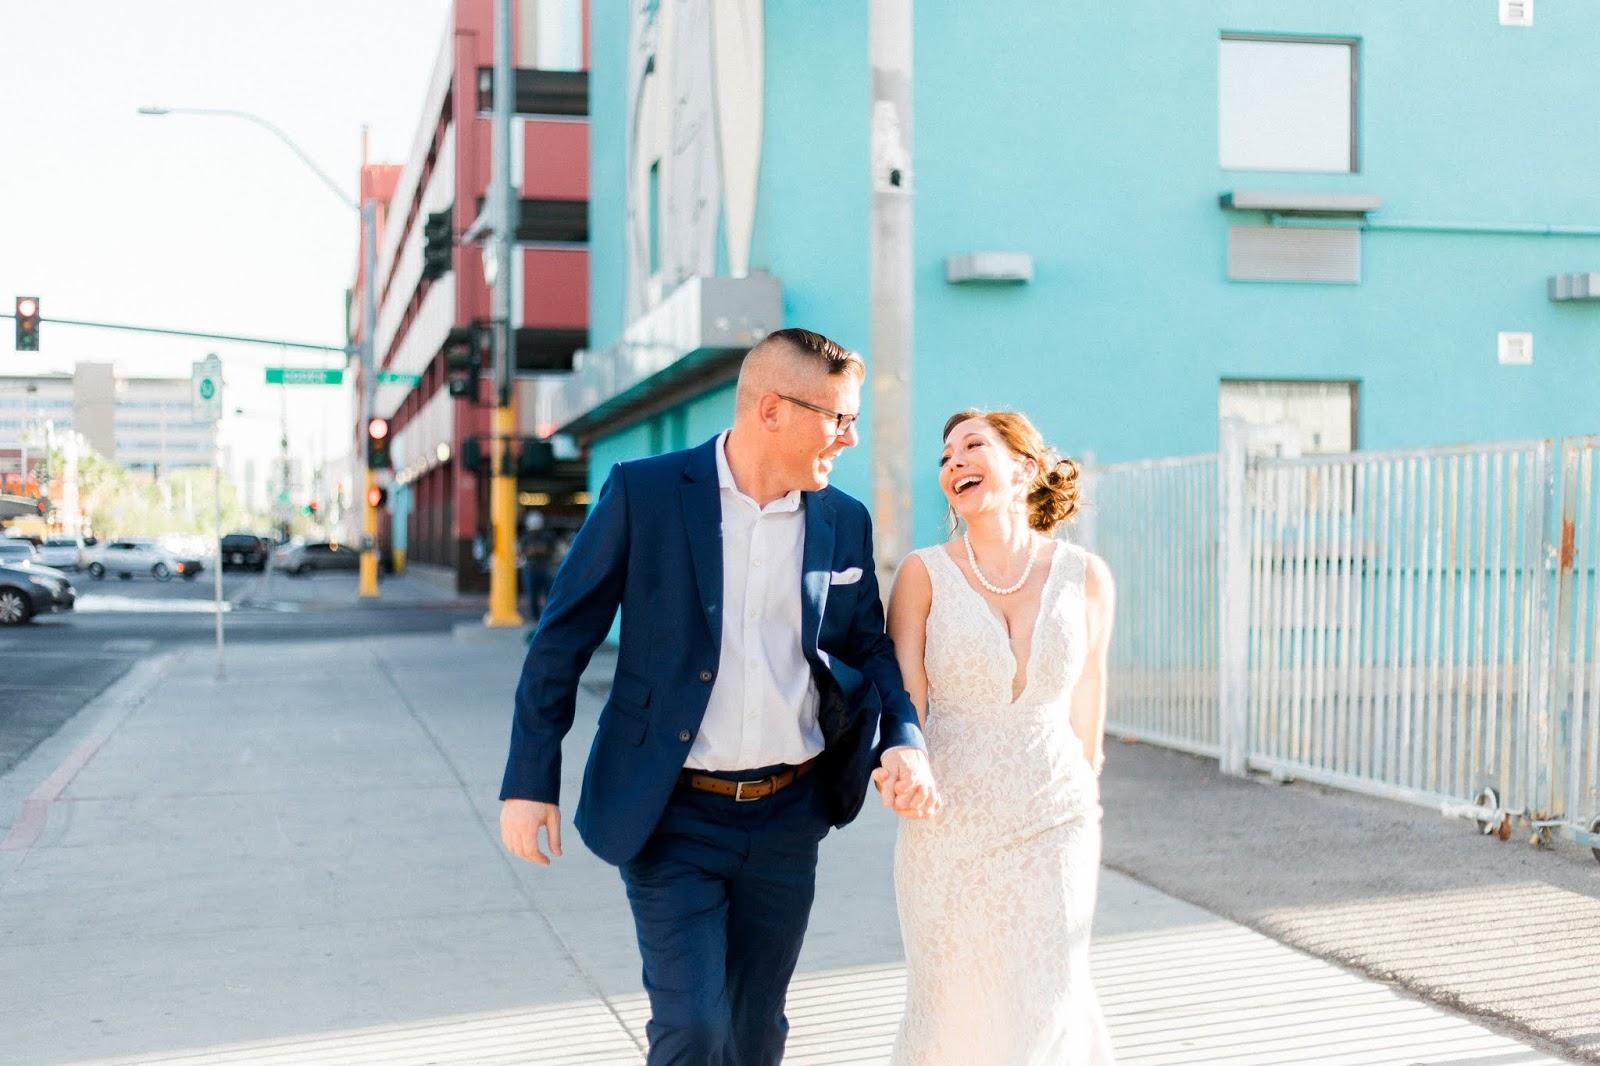 downtown las vegas, downtown las vegas wedding, las vegas elopement